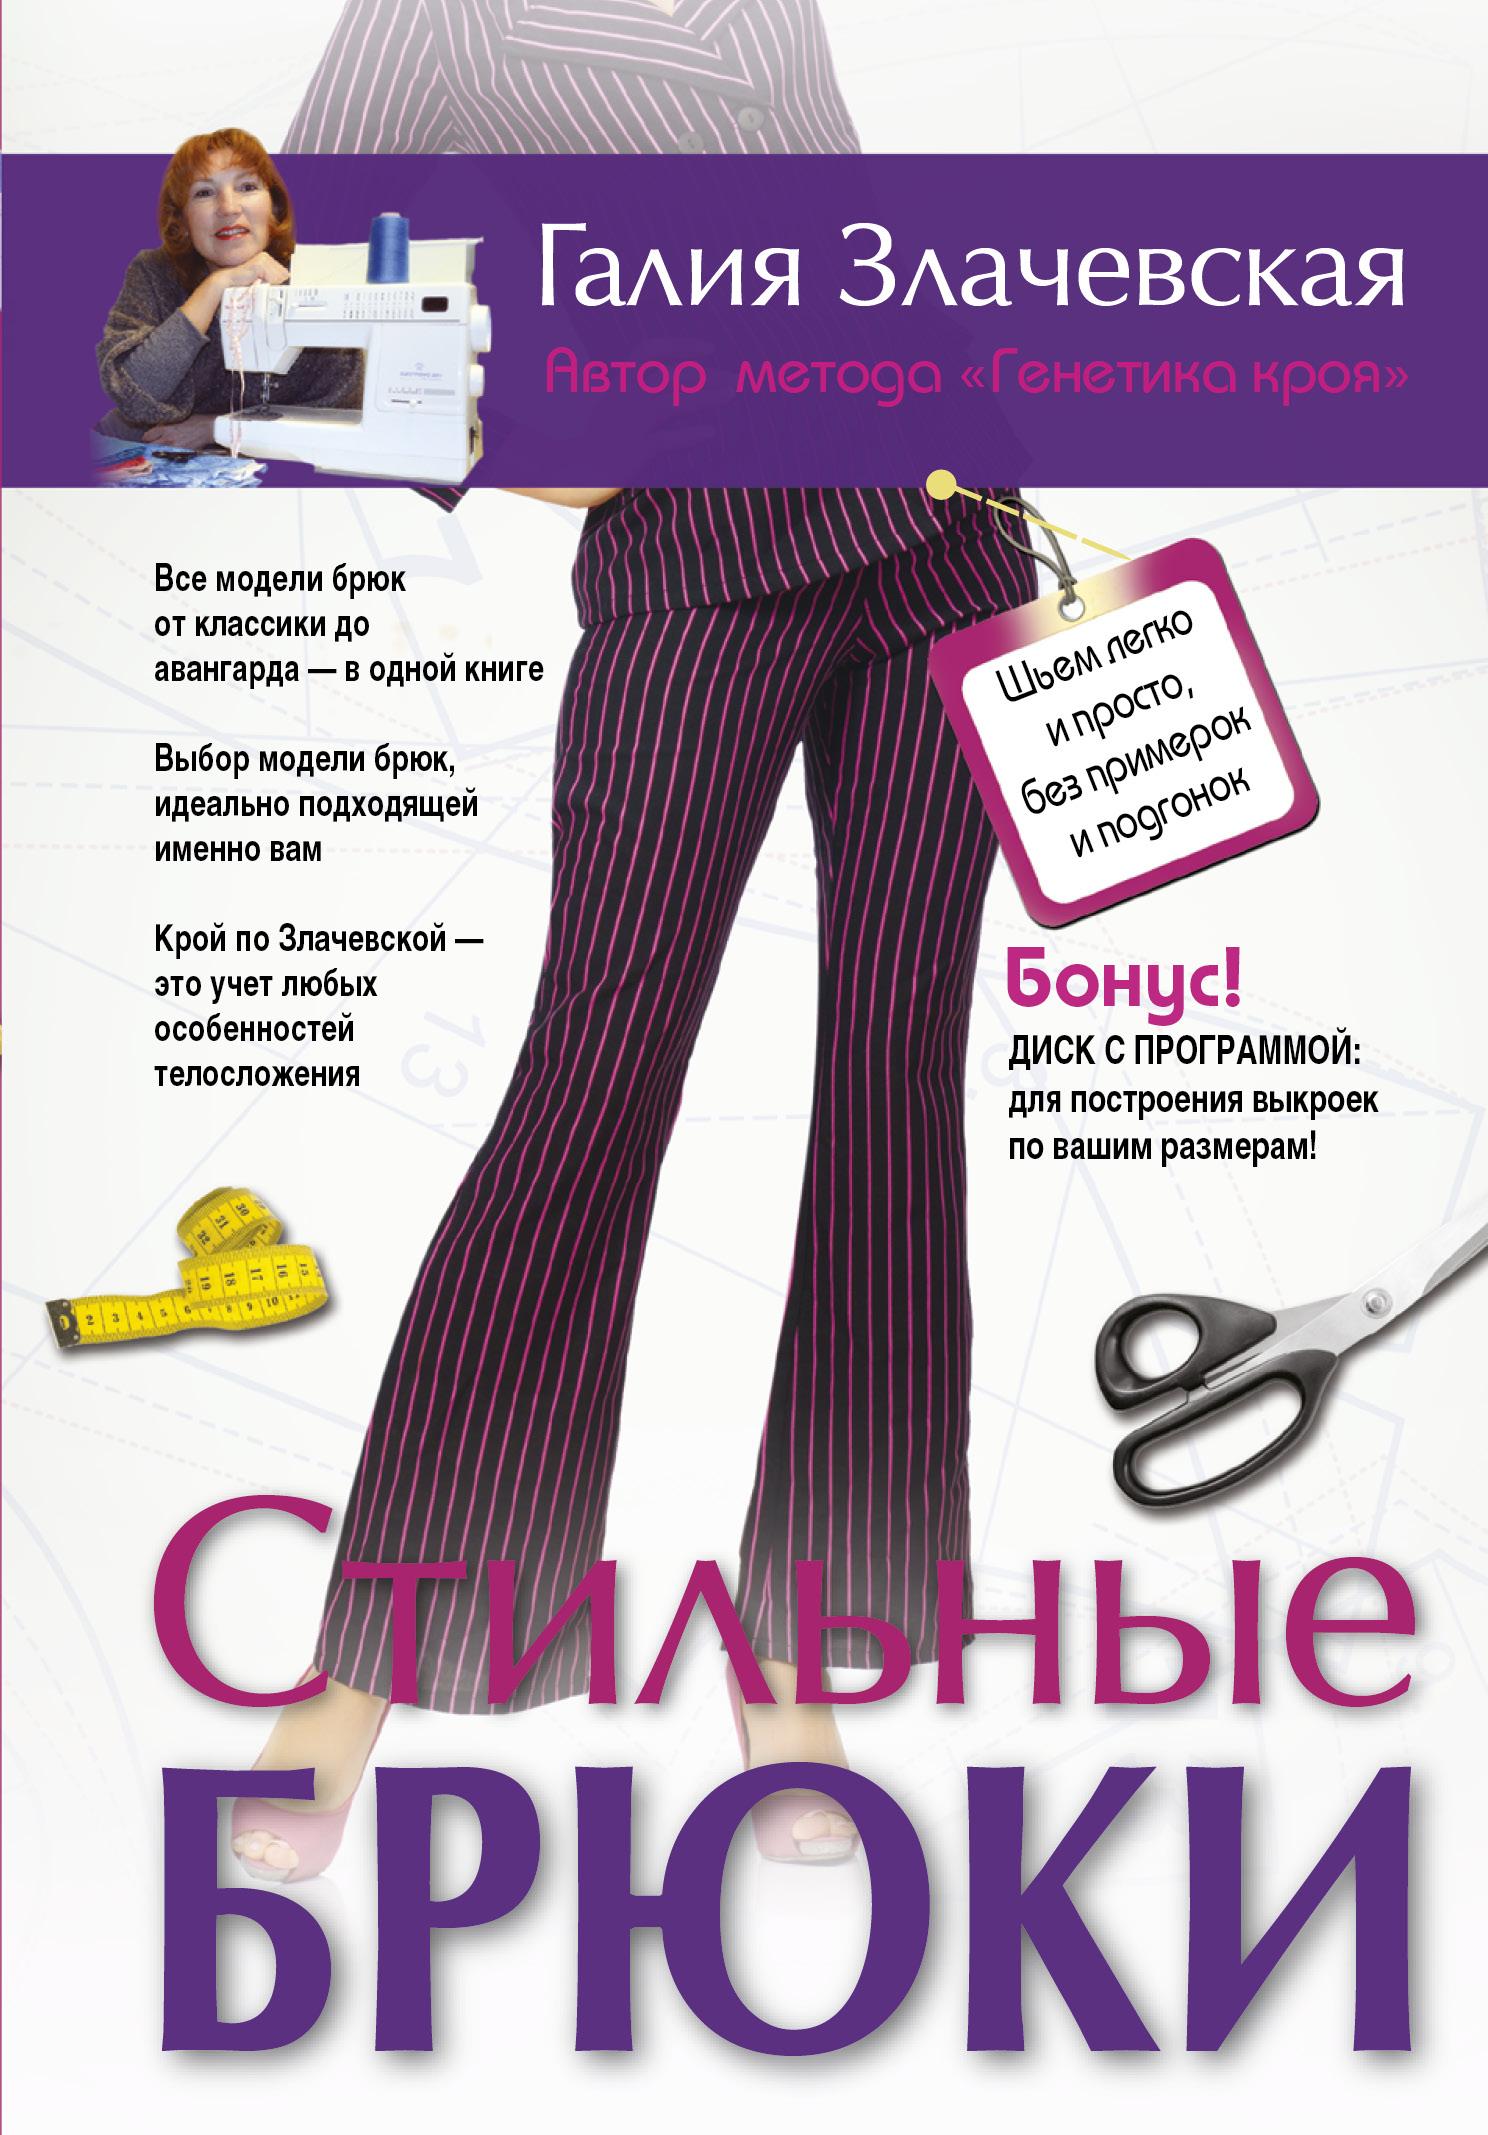 Г. М. Стильные брюки. Шьем легко и просто, без примерок и подгонок + DVD